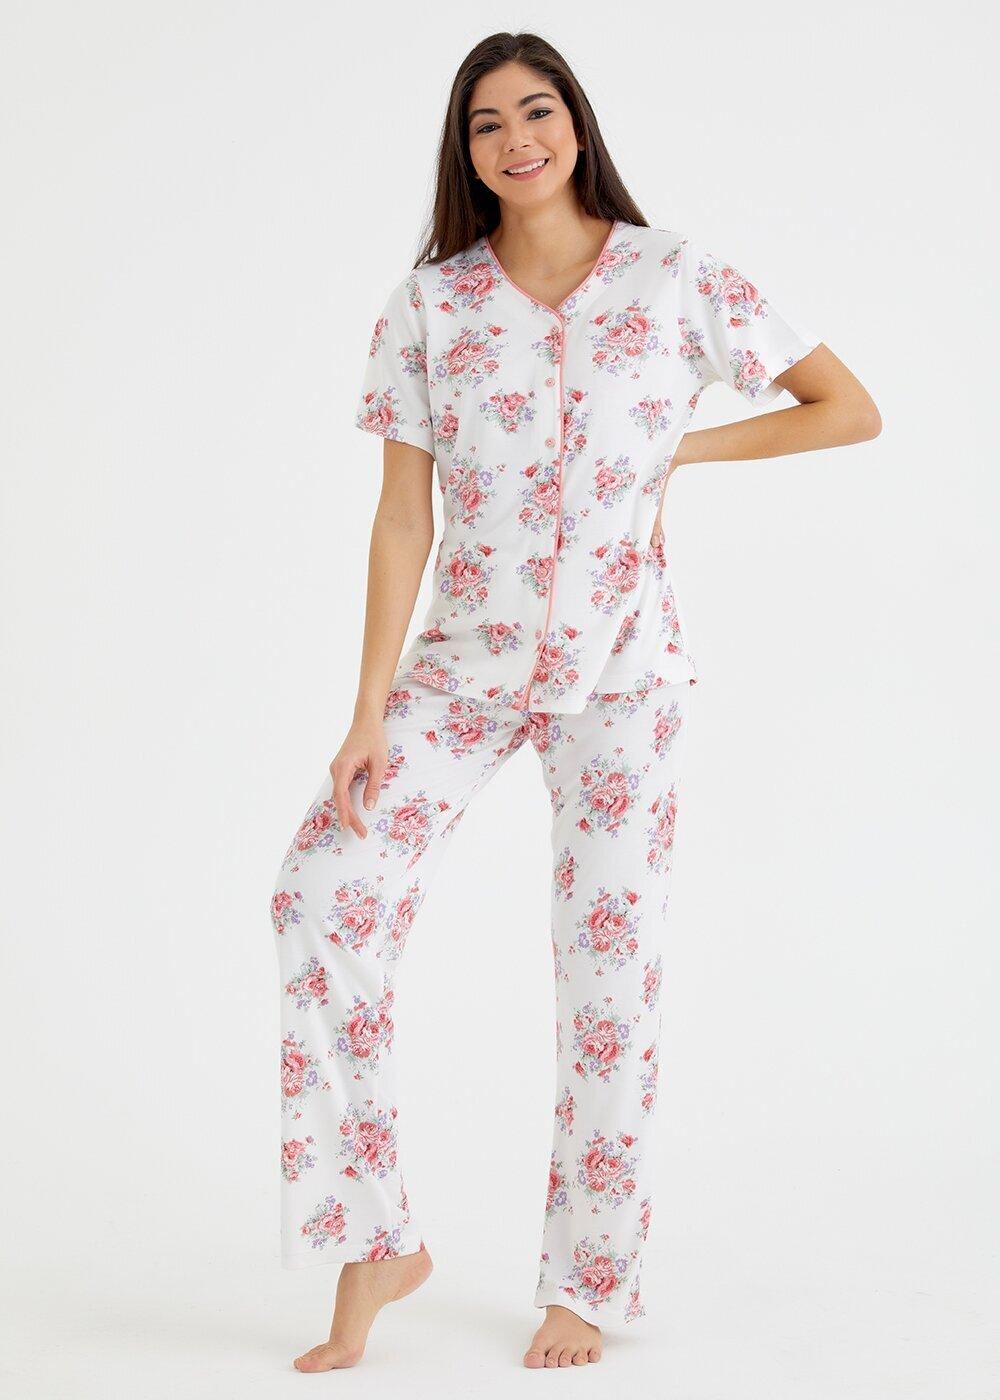 resm Elegance Maskulen Pijama Takımı - ÇİÇEK BASKILI